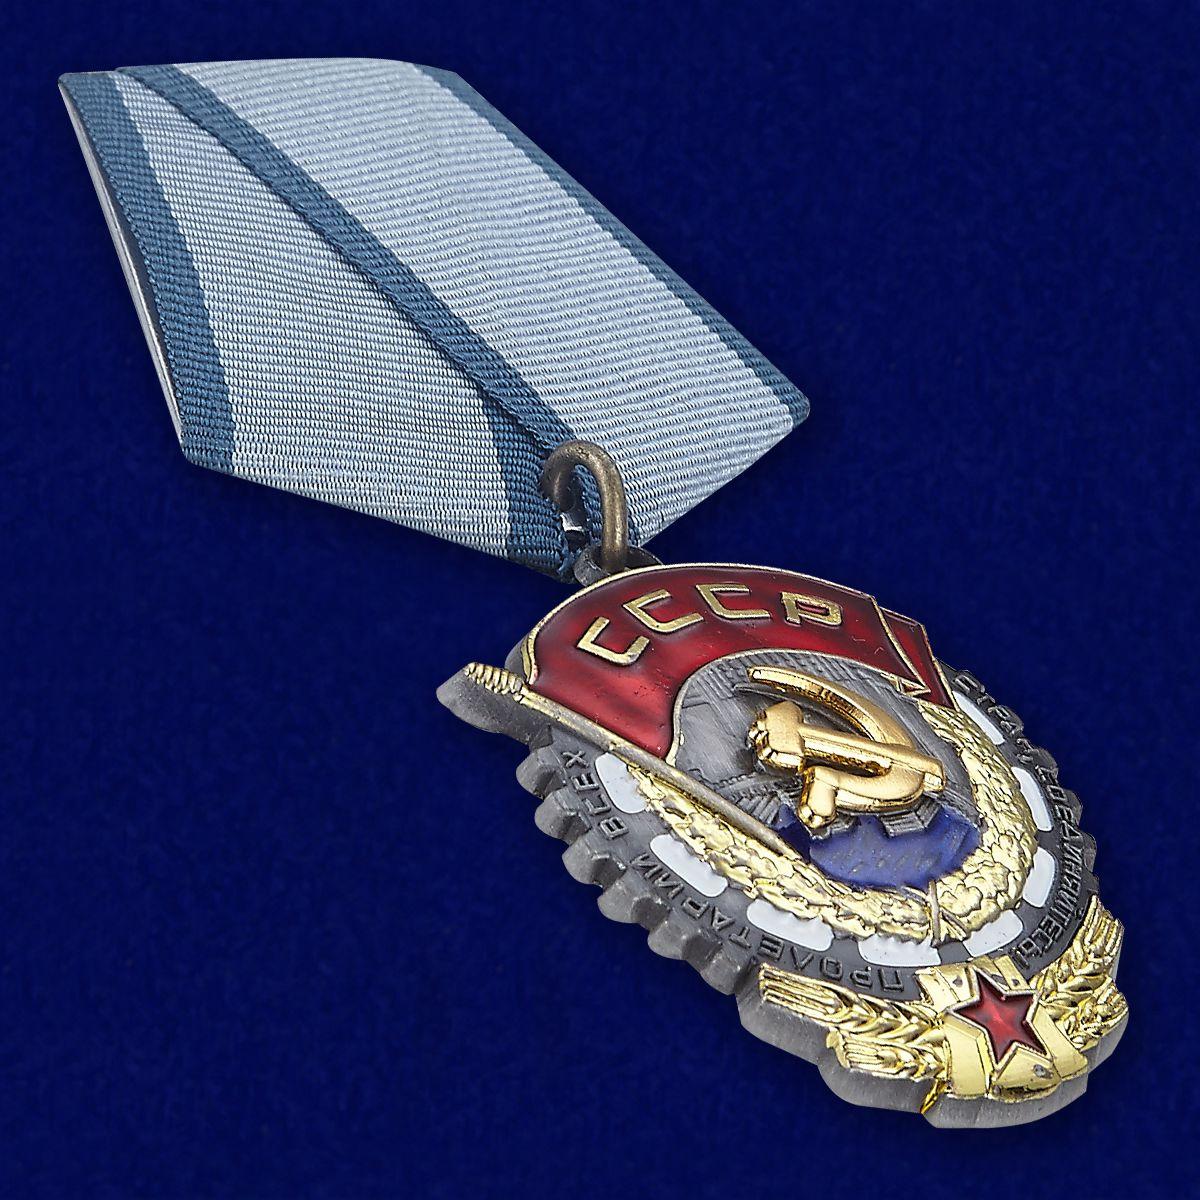 Купить орден Трудового Красного знамени СССР